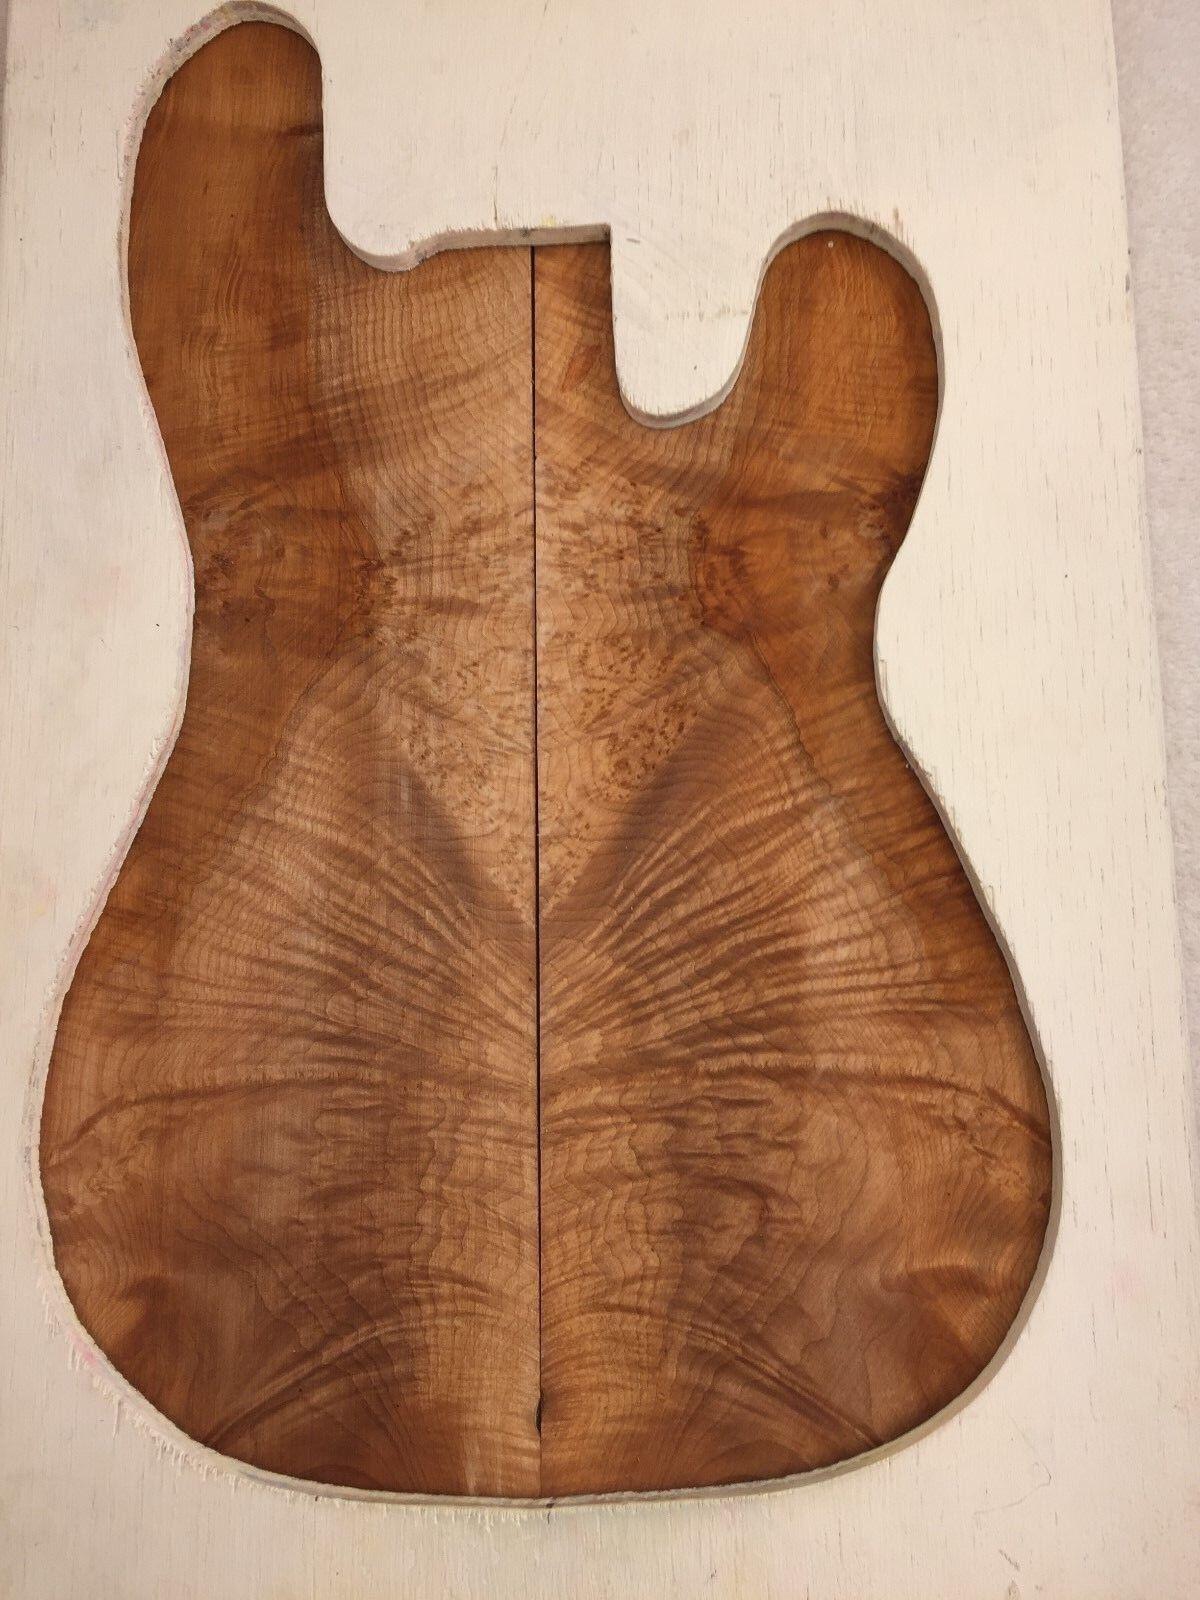 Maple Burl book match set luthier guitar tone wood .27 x 16 x 23    S-209